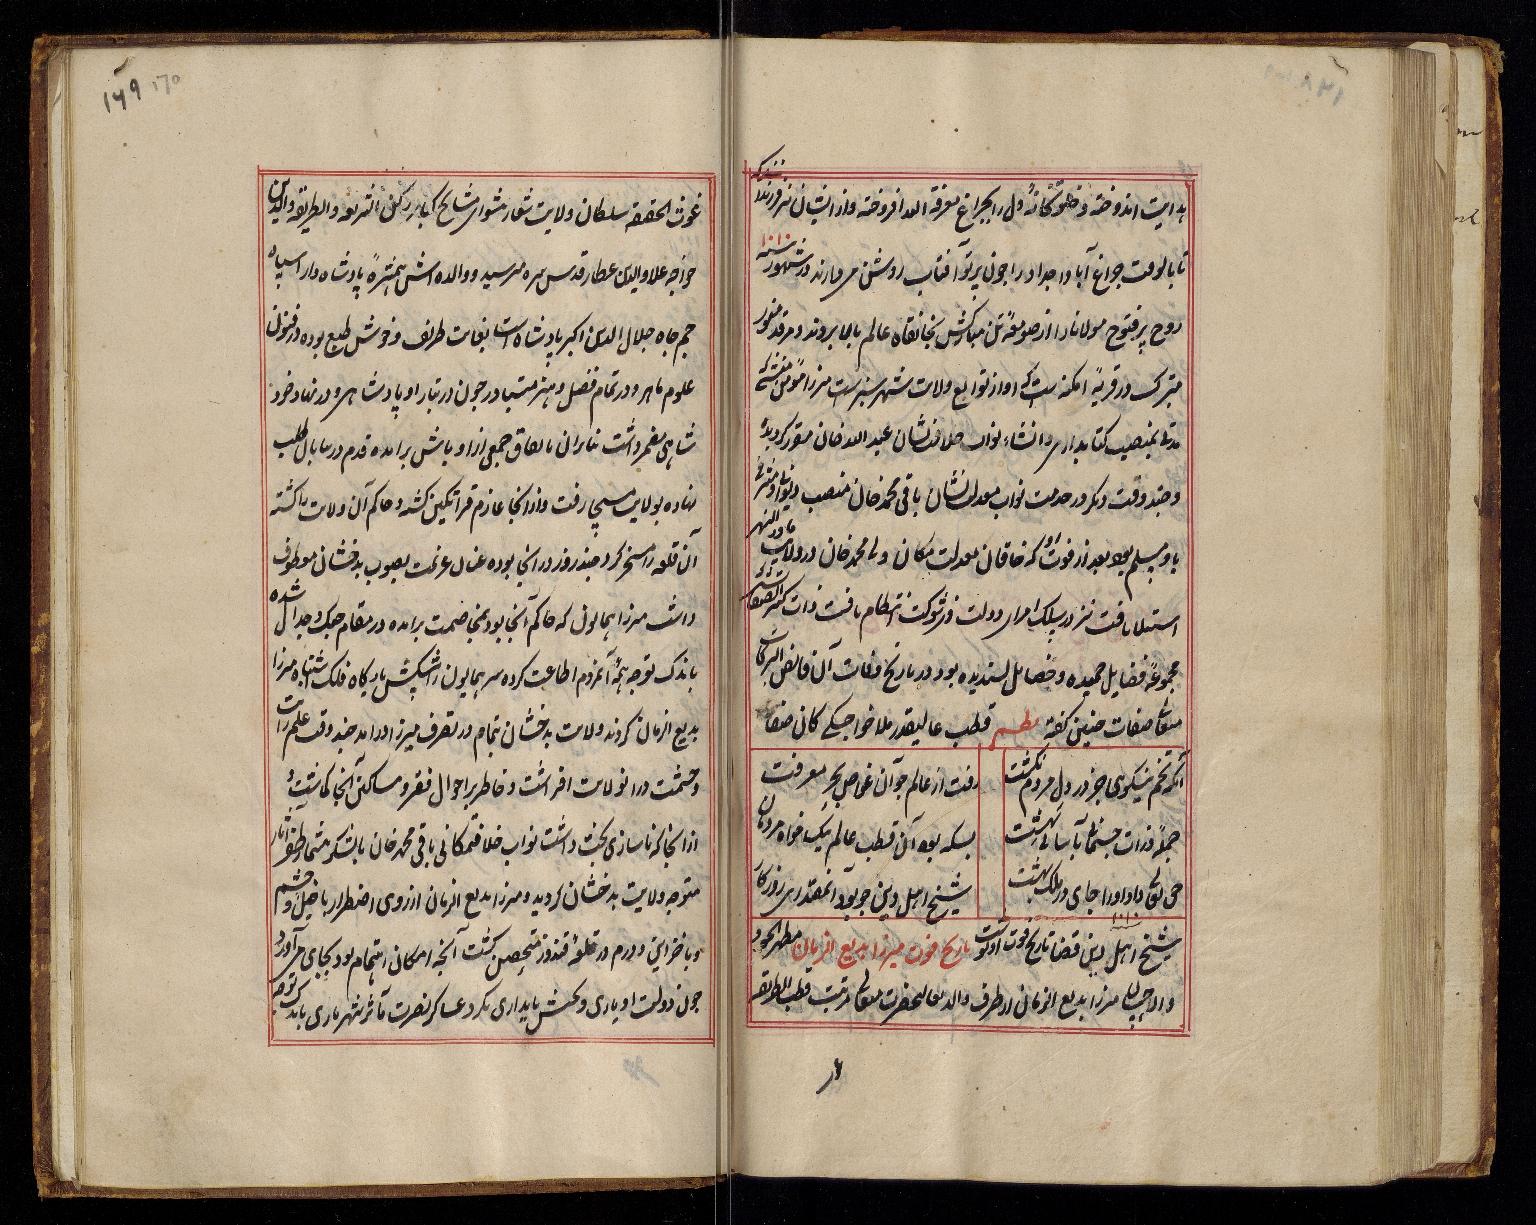 Tawarikh-i Mir Sayyid Sharif 'Raqim', f.170